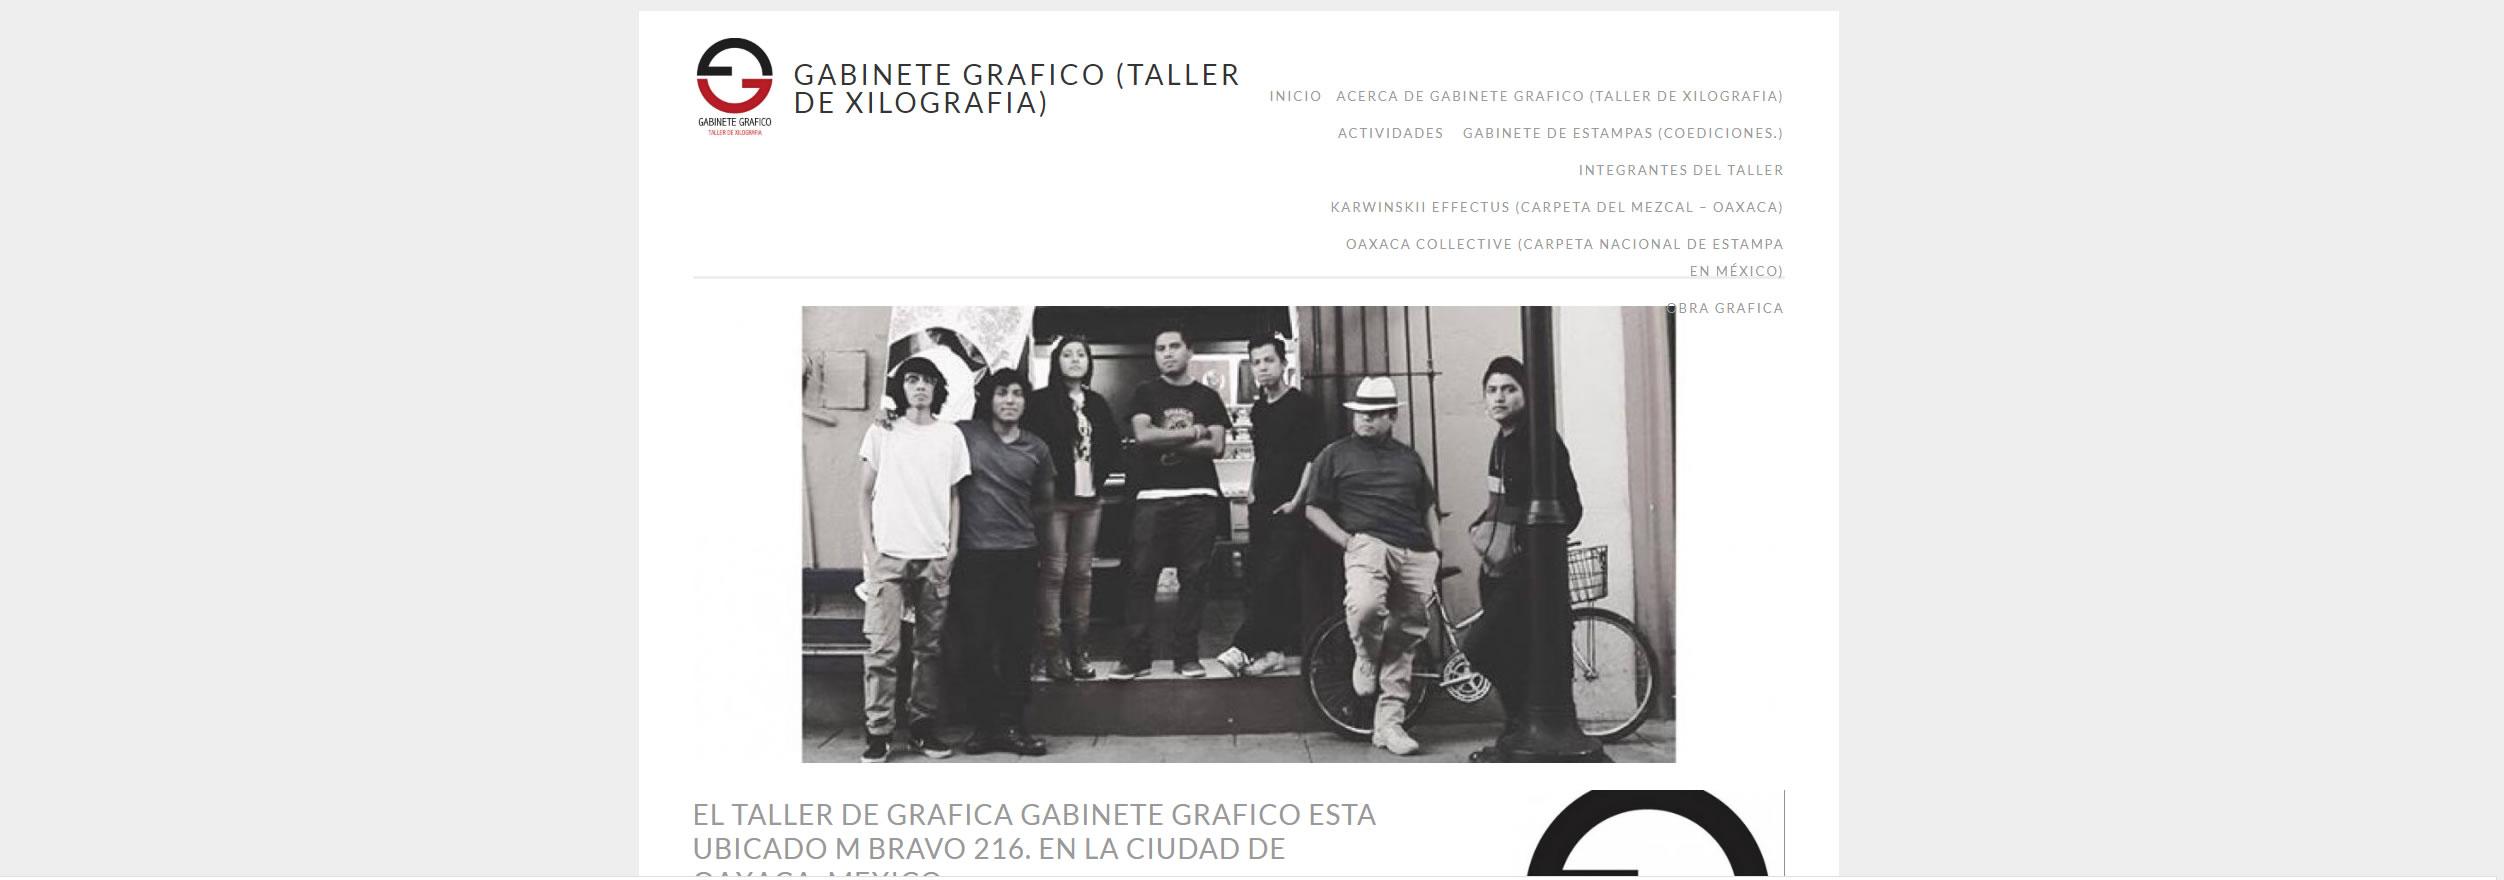 gabinete_grafico_galeria_de_gravura